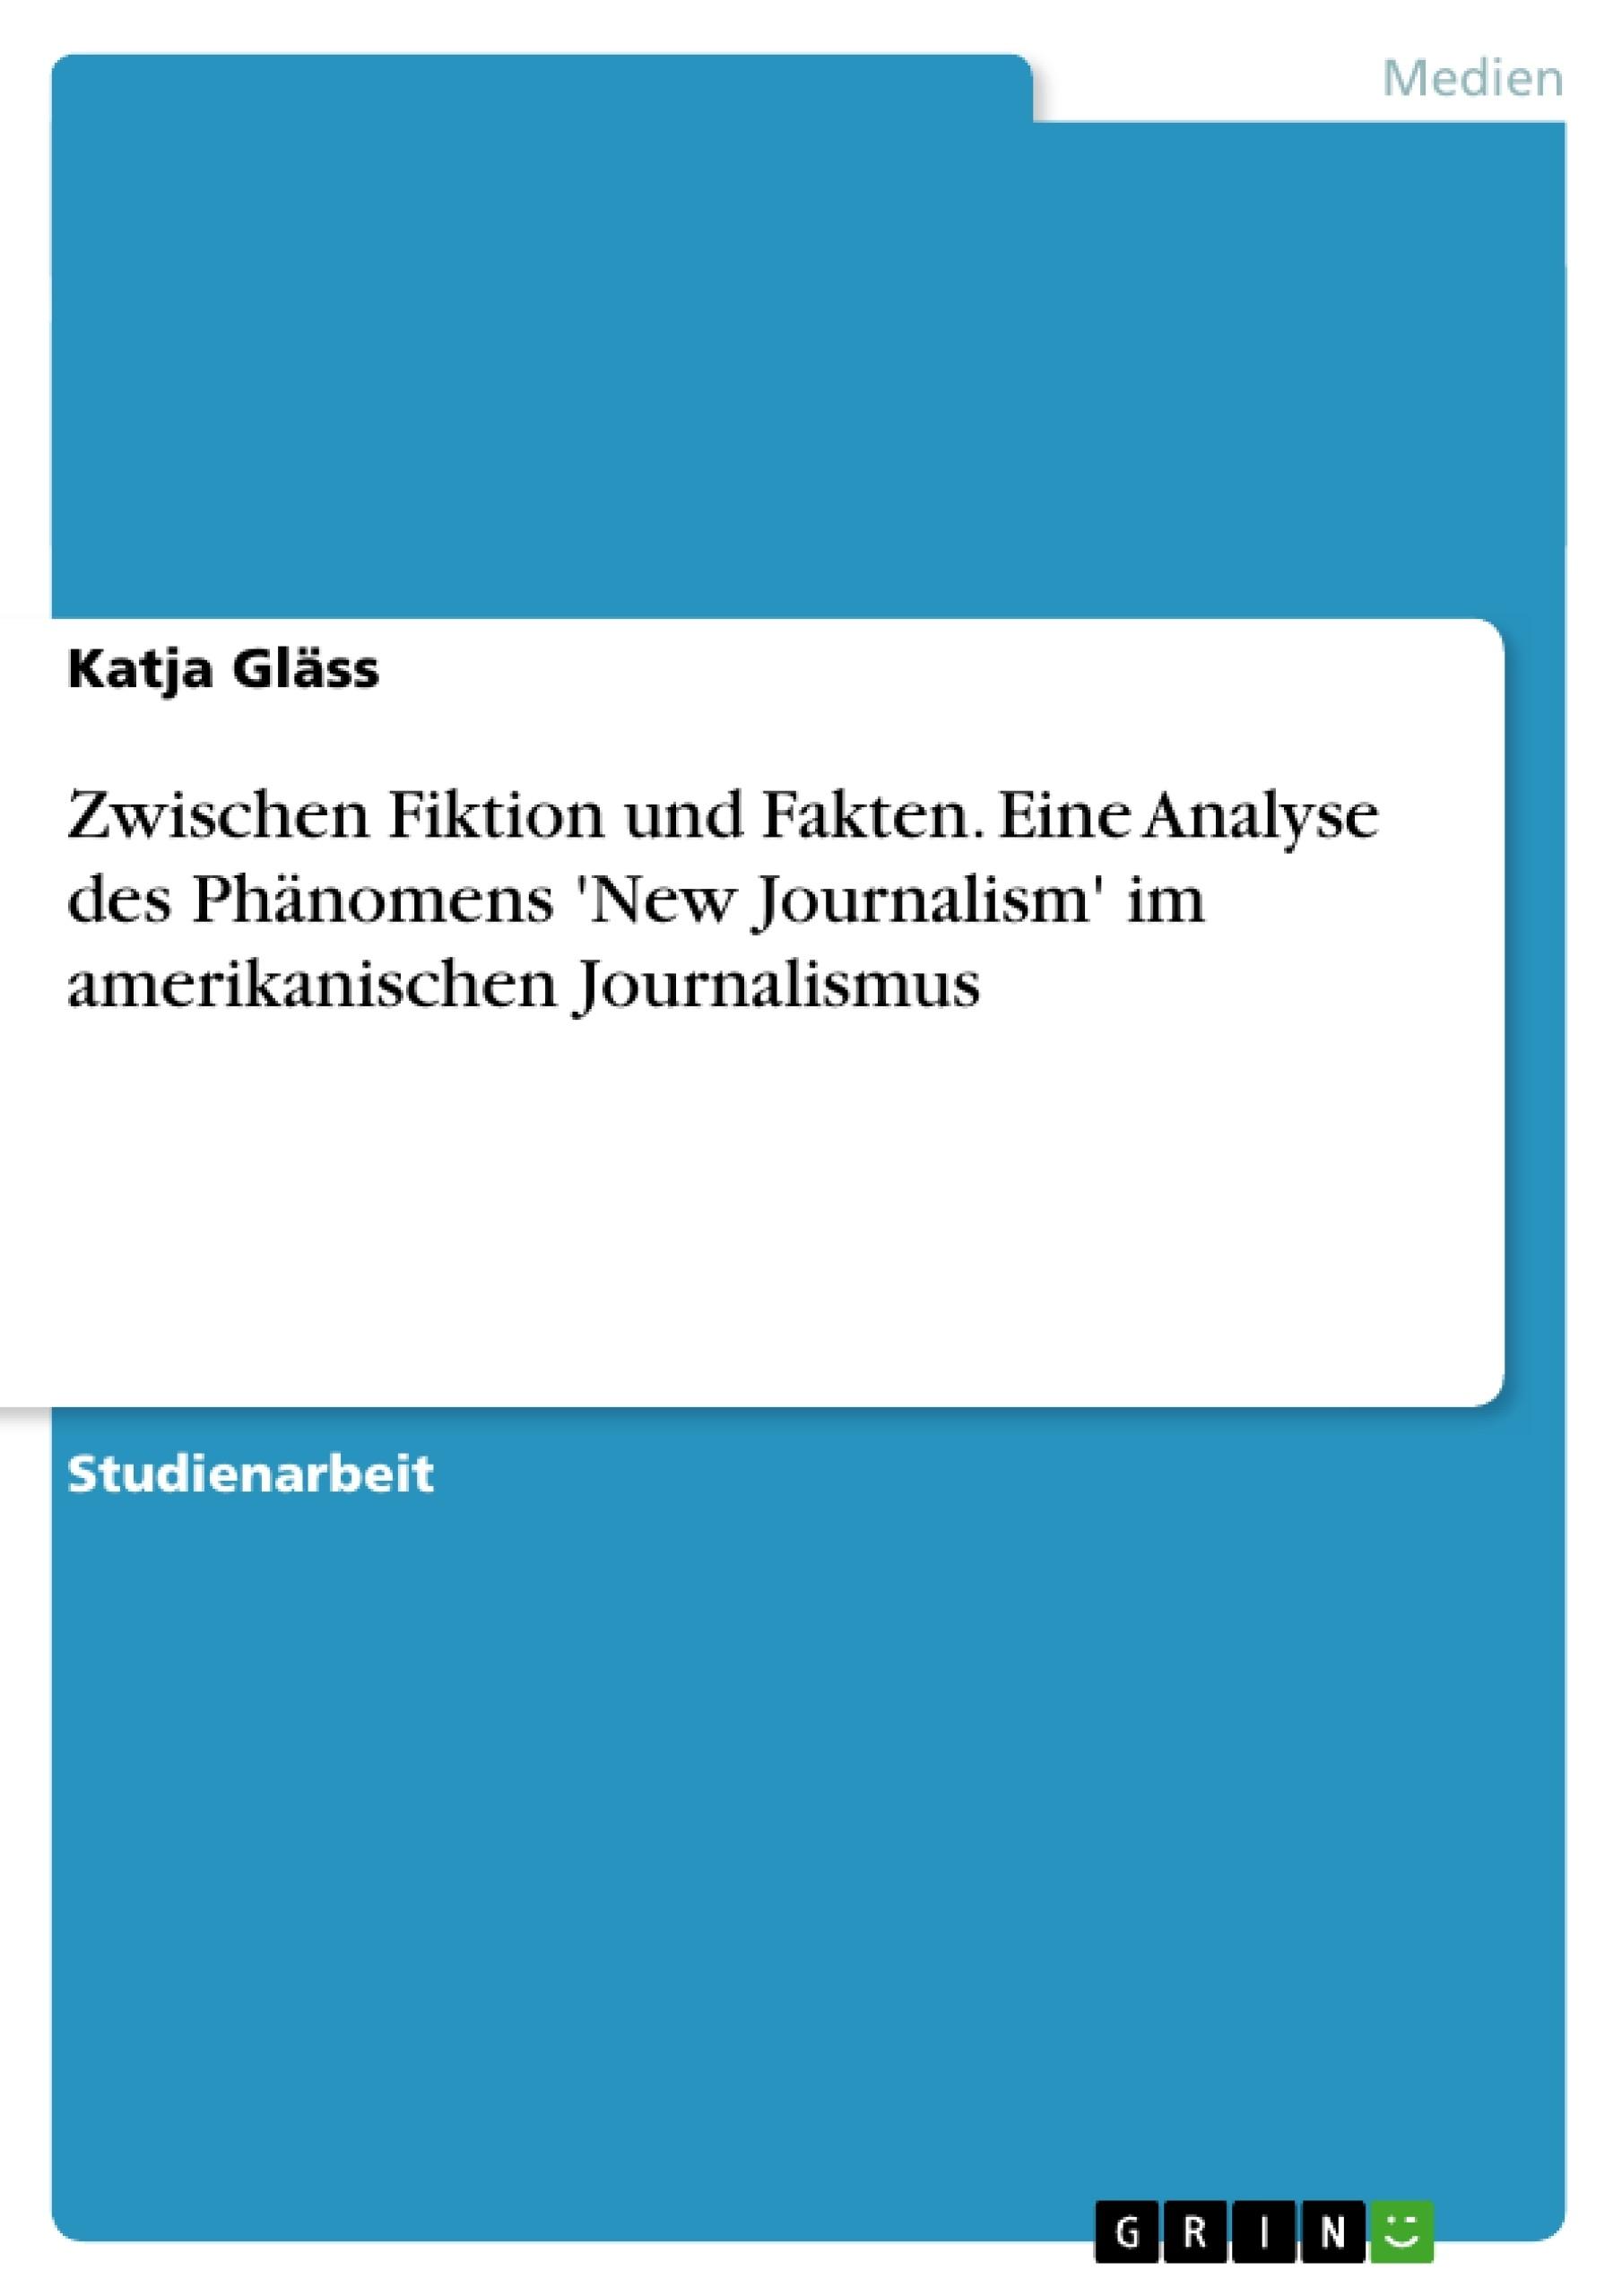 Titel: Zwischen Fiktion und Fakten. Eine Analyse des Phänomens 'New Journalism' im amerikanischen Journalismus